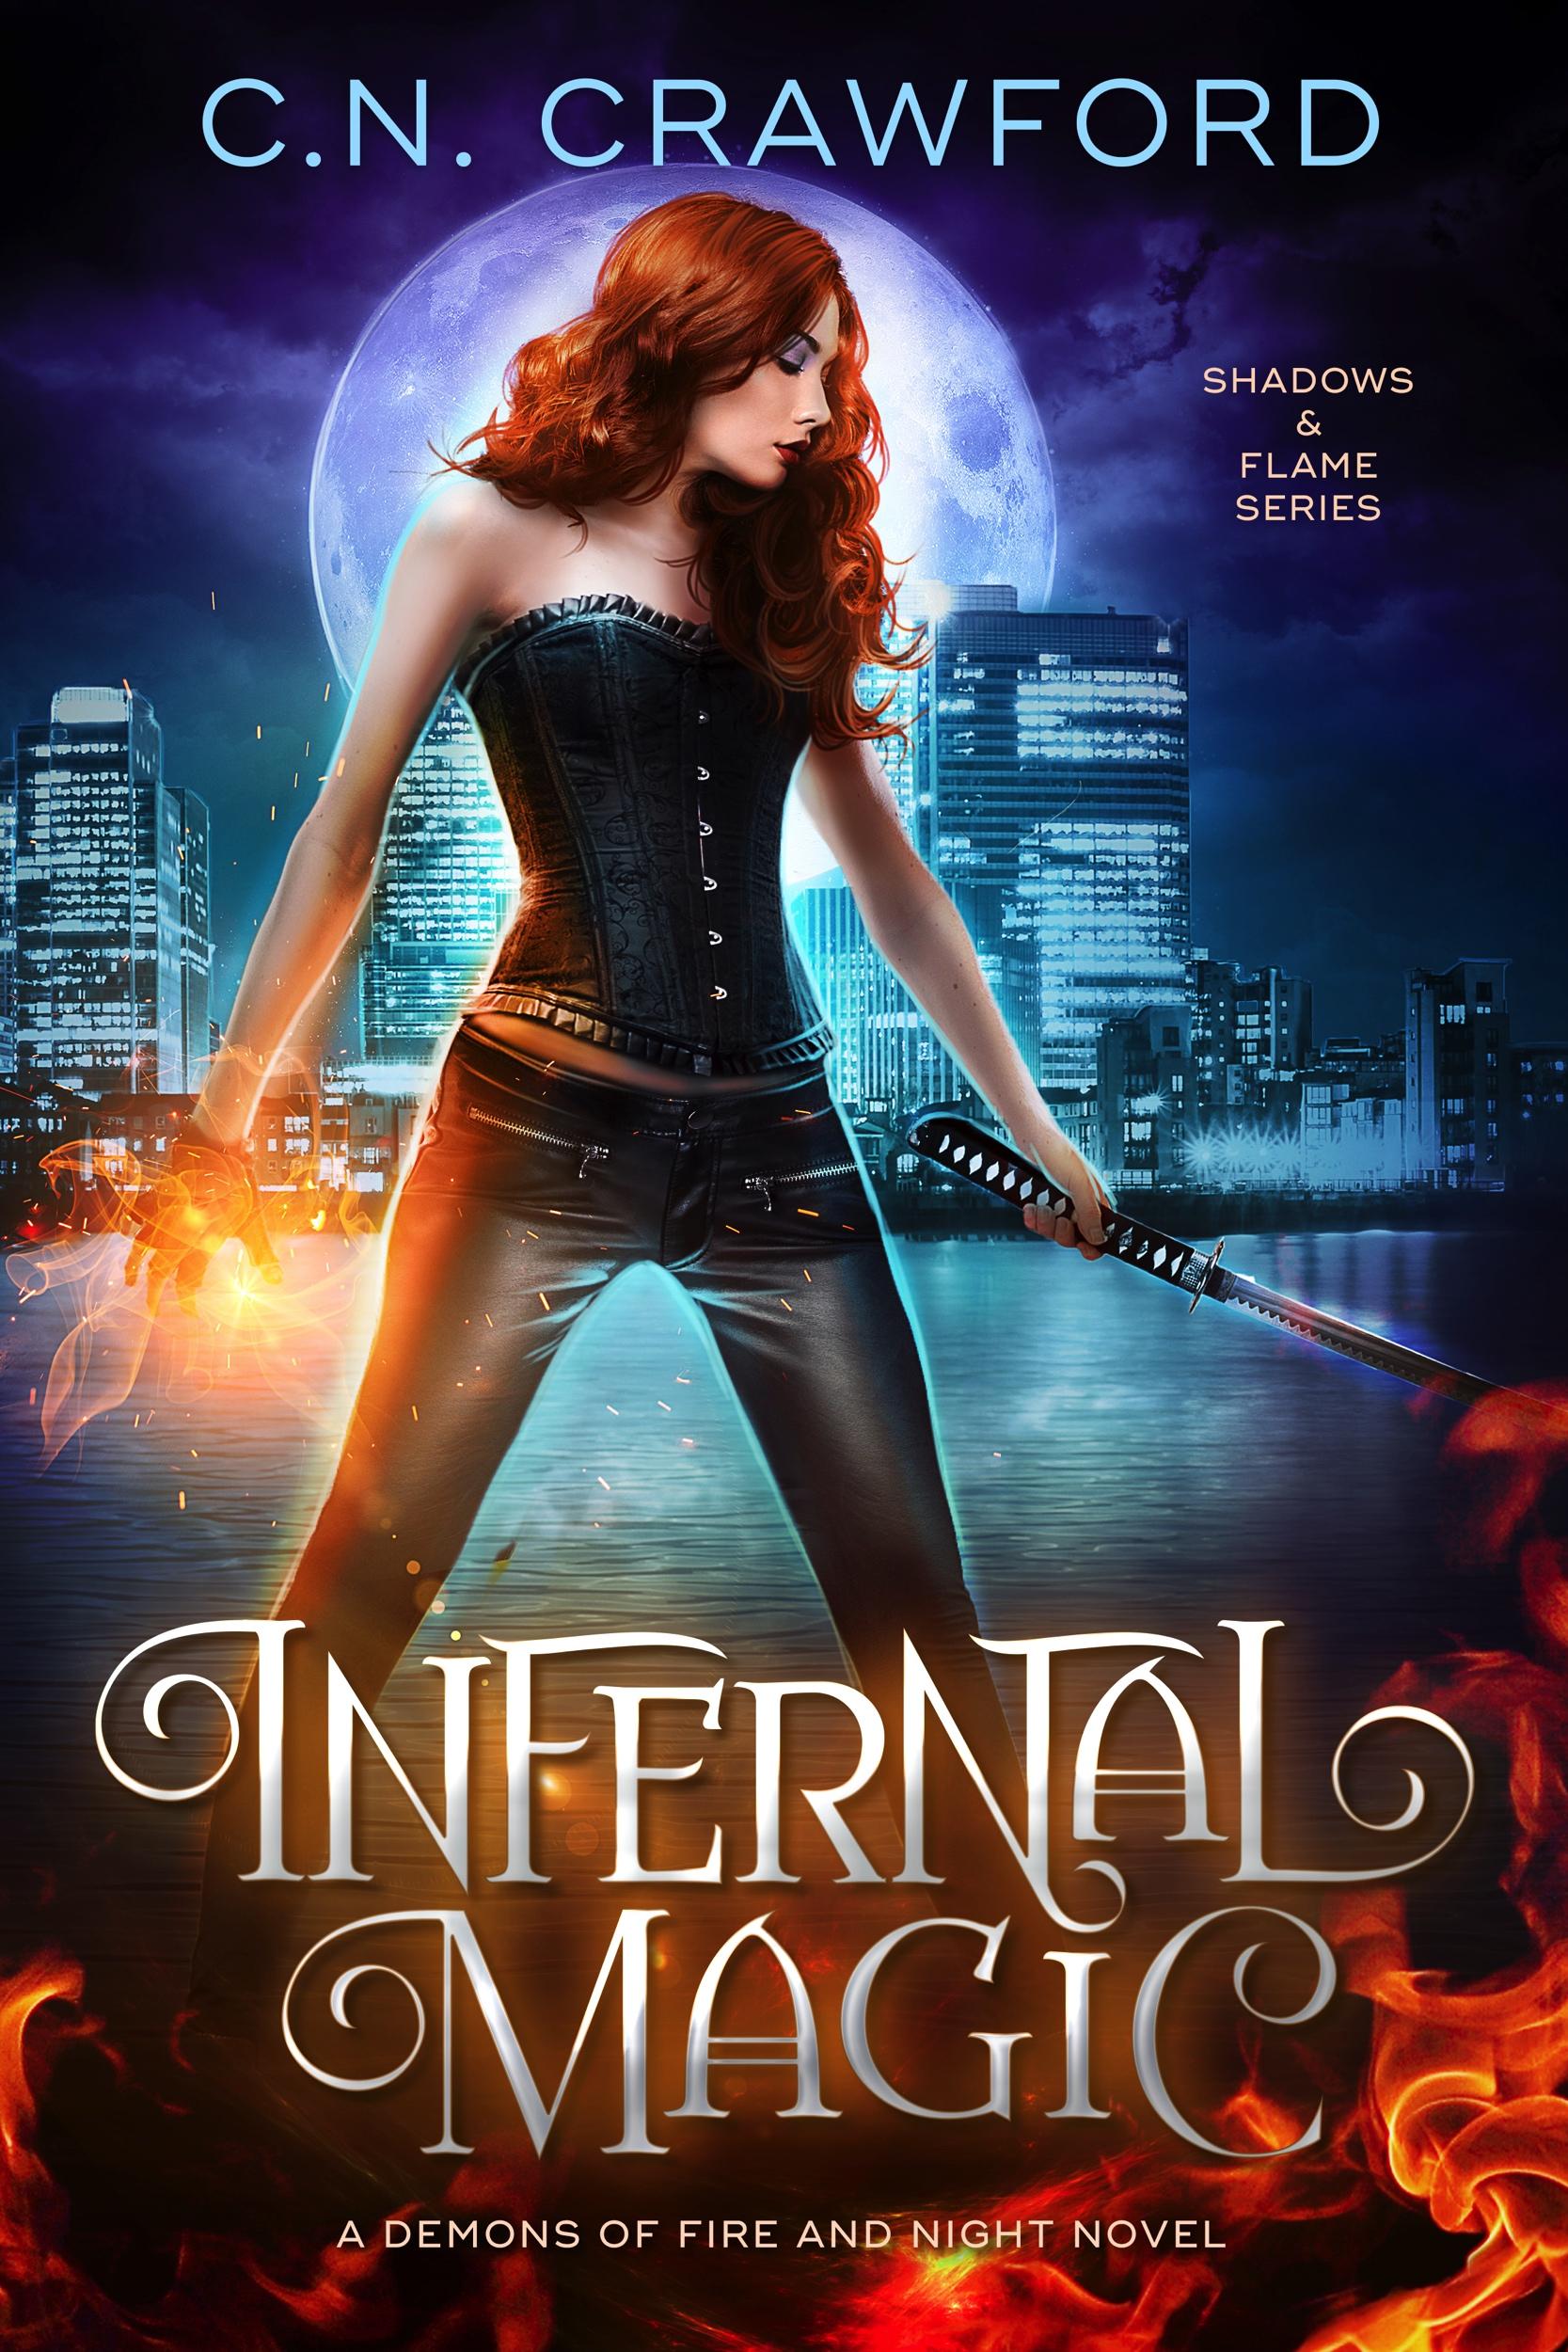 Book 1: Infernal Magic